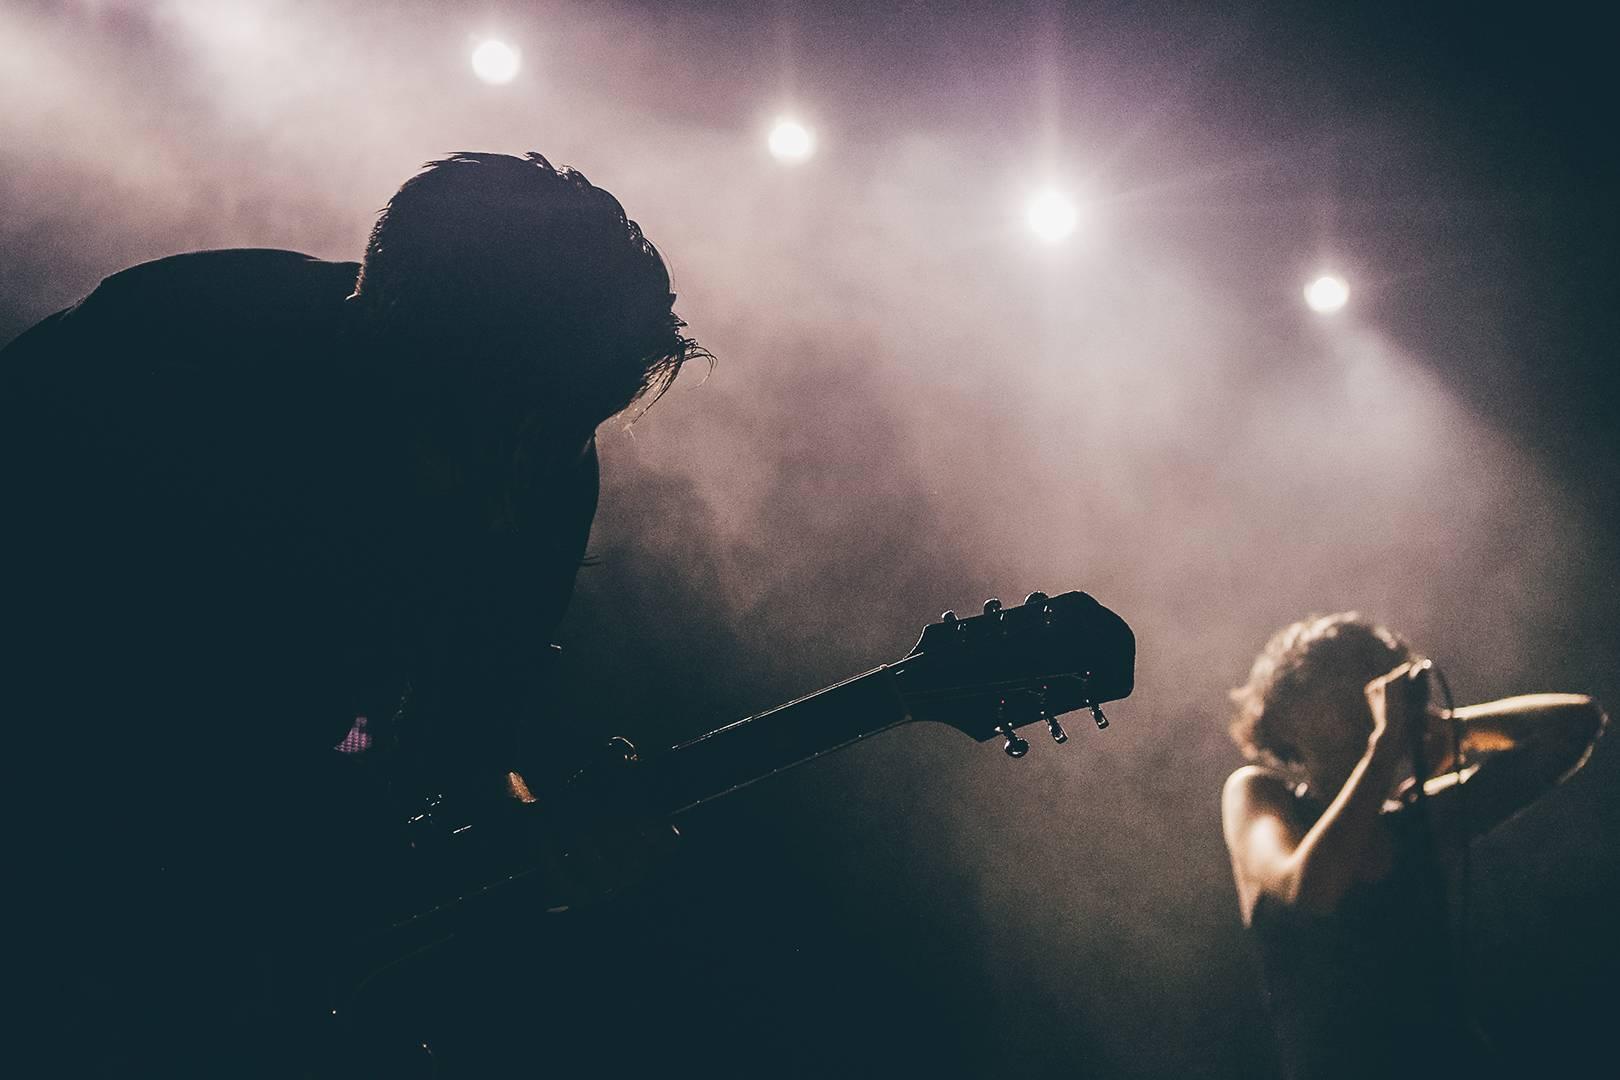 Chitarrista che suona sul palco in controluce